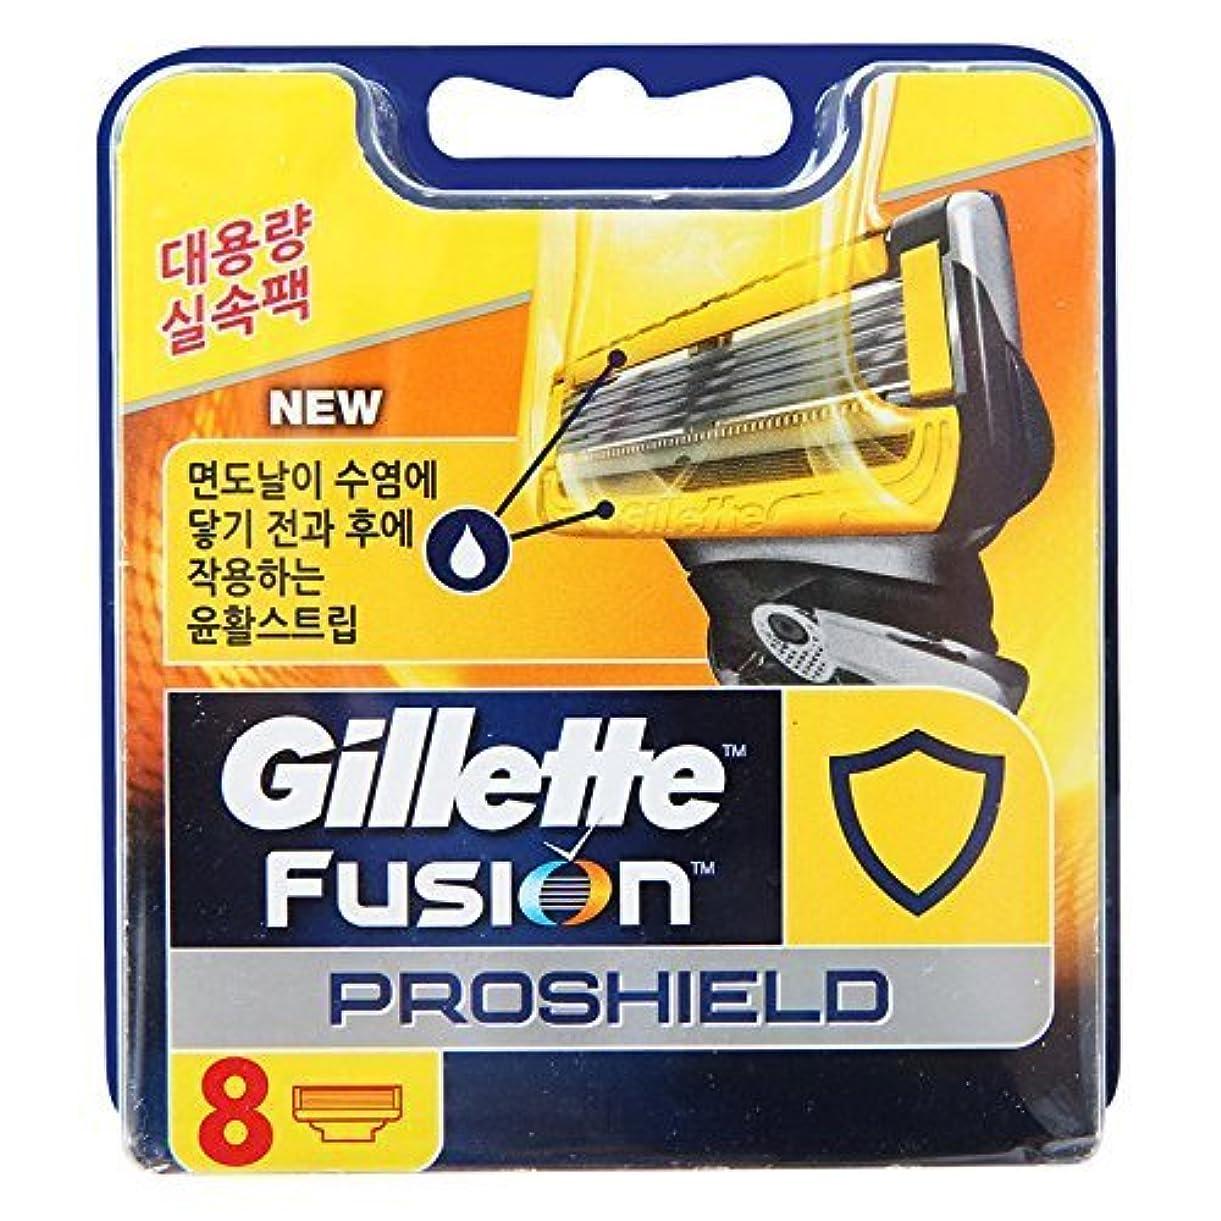 反逆多様性印象Gillette Fusion Proshield Yellow Men's Razor Blade 8 Pack / ドイツ製 [並行輸入品]